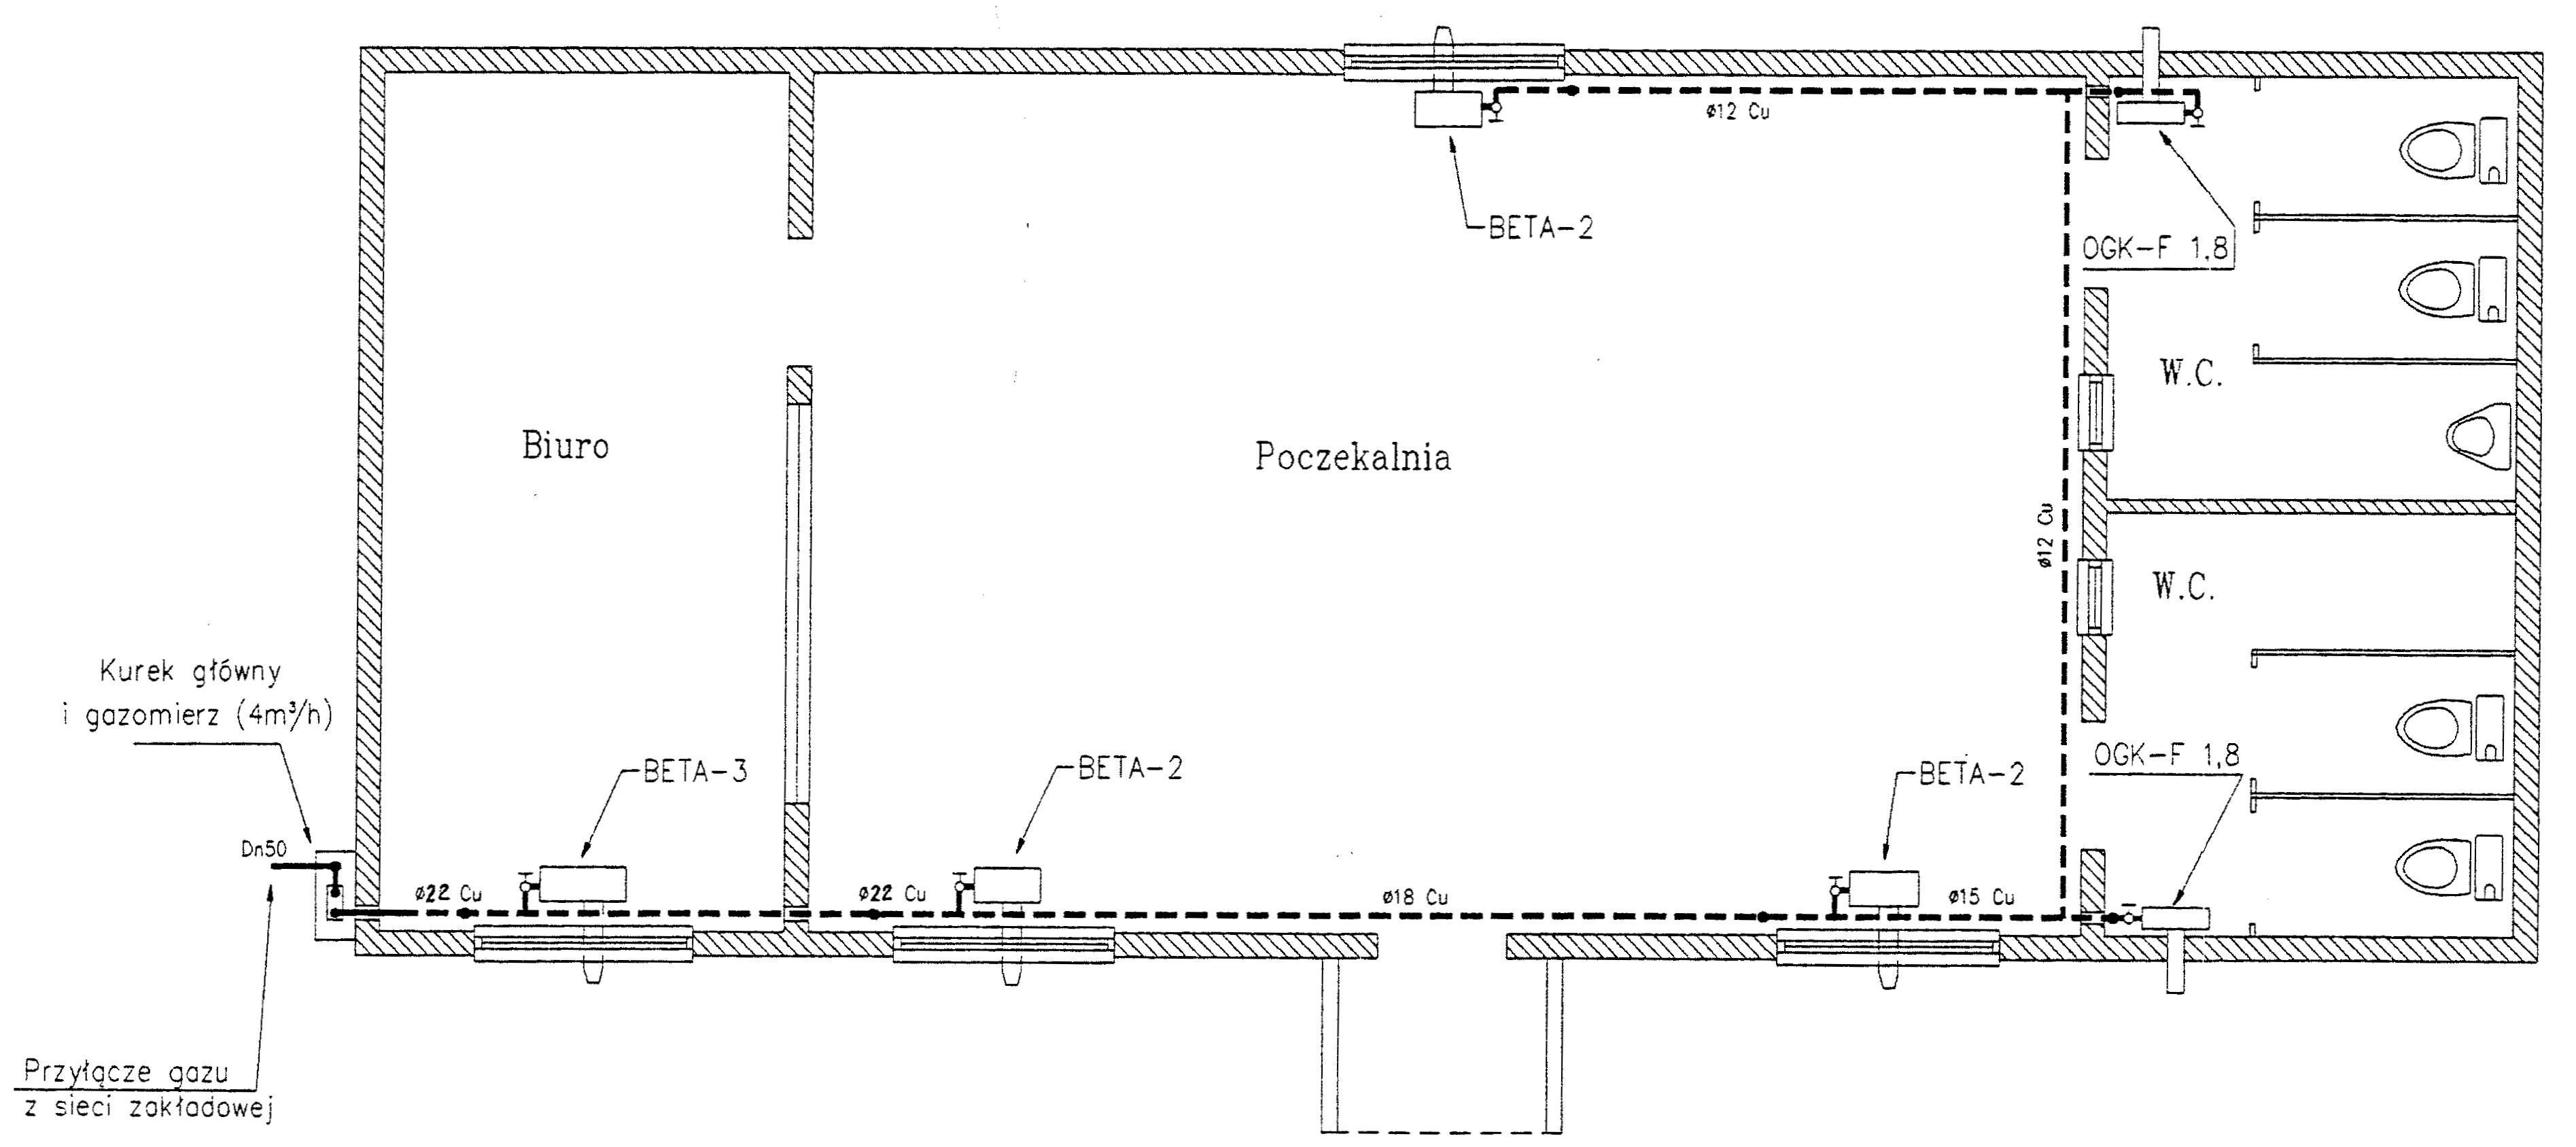 R4 Gliwice - plan budynku kontenerowego